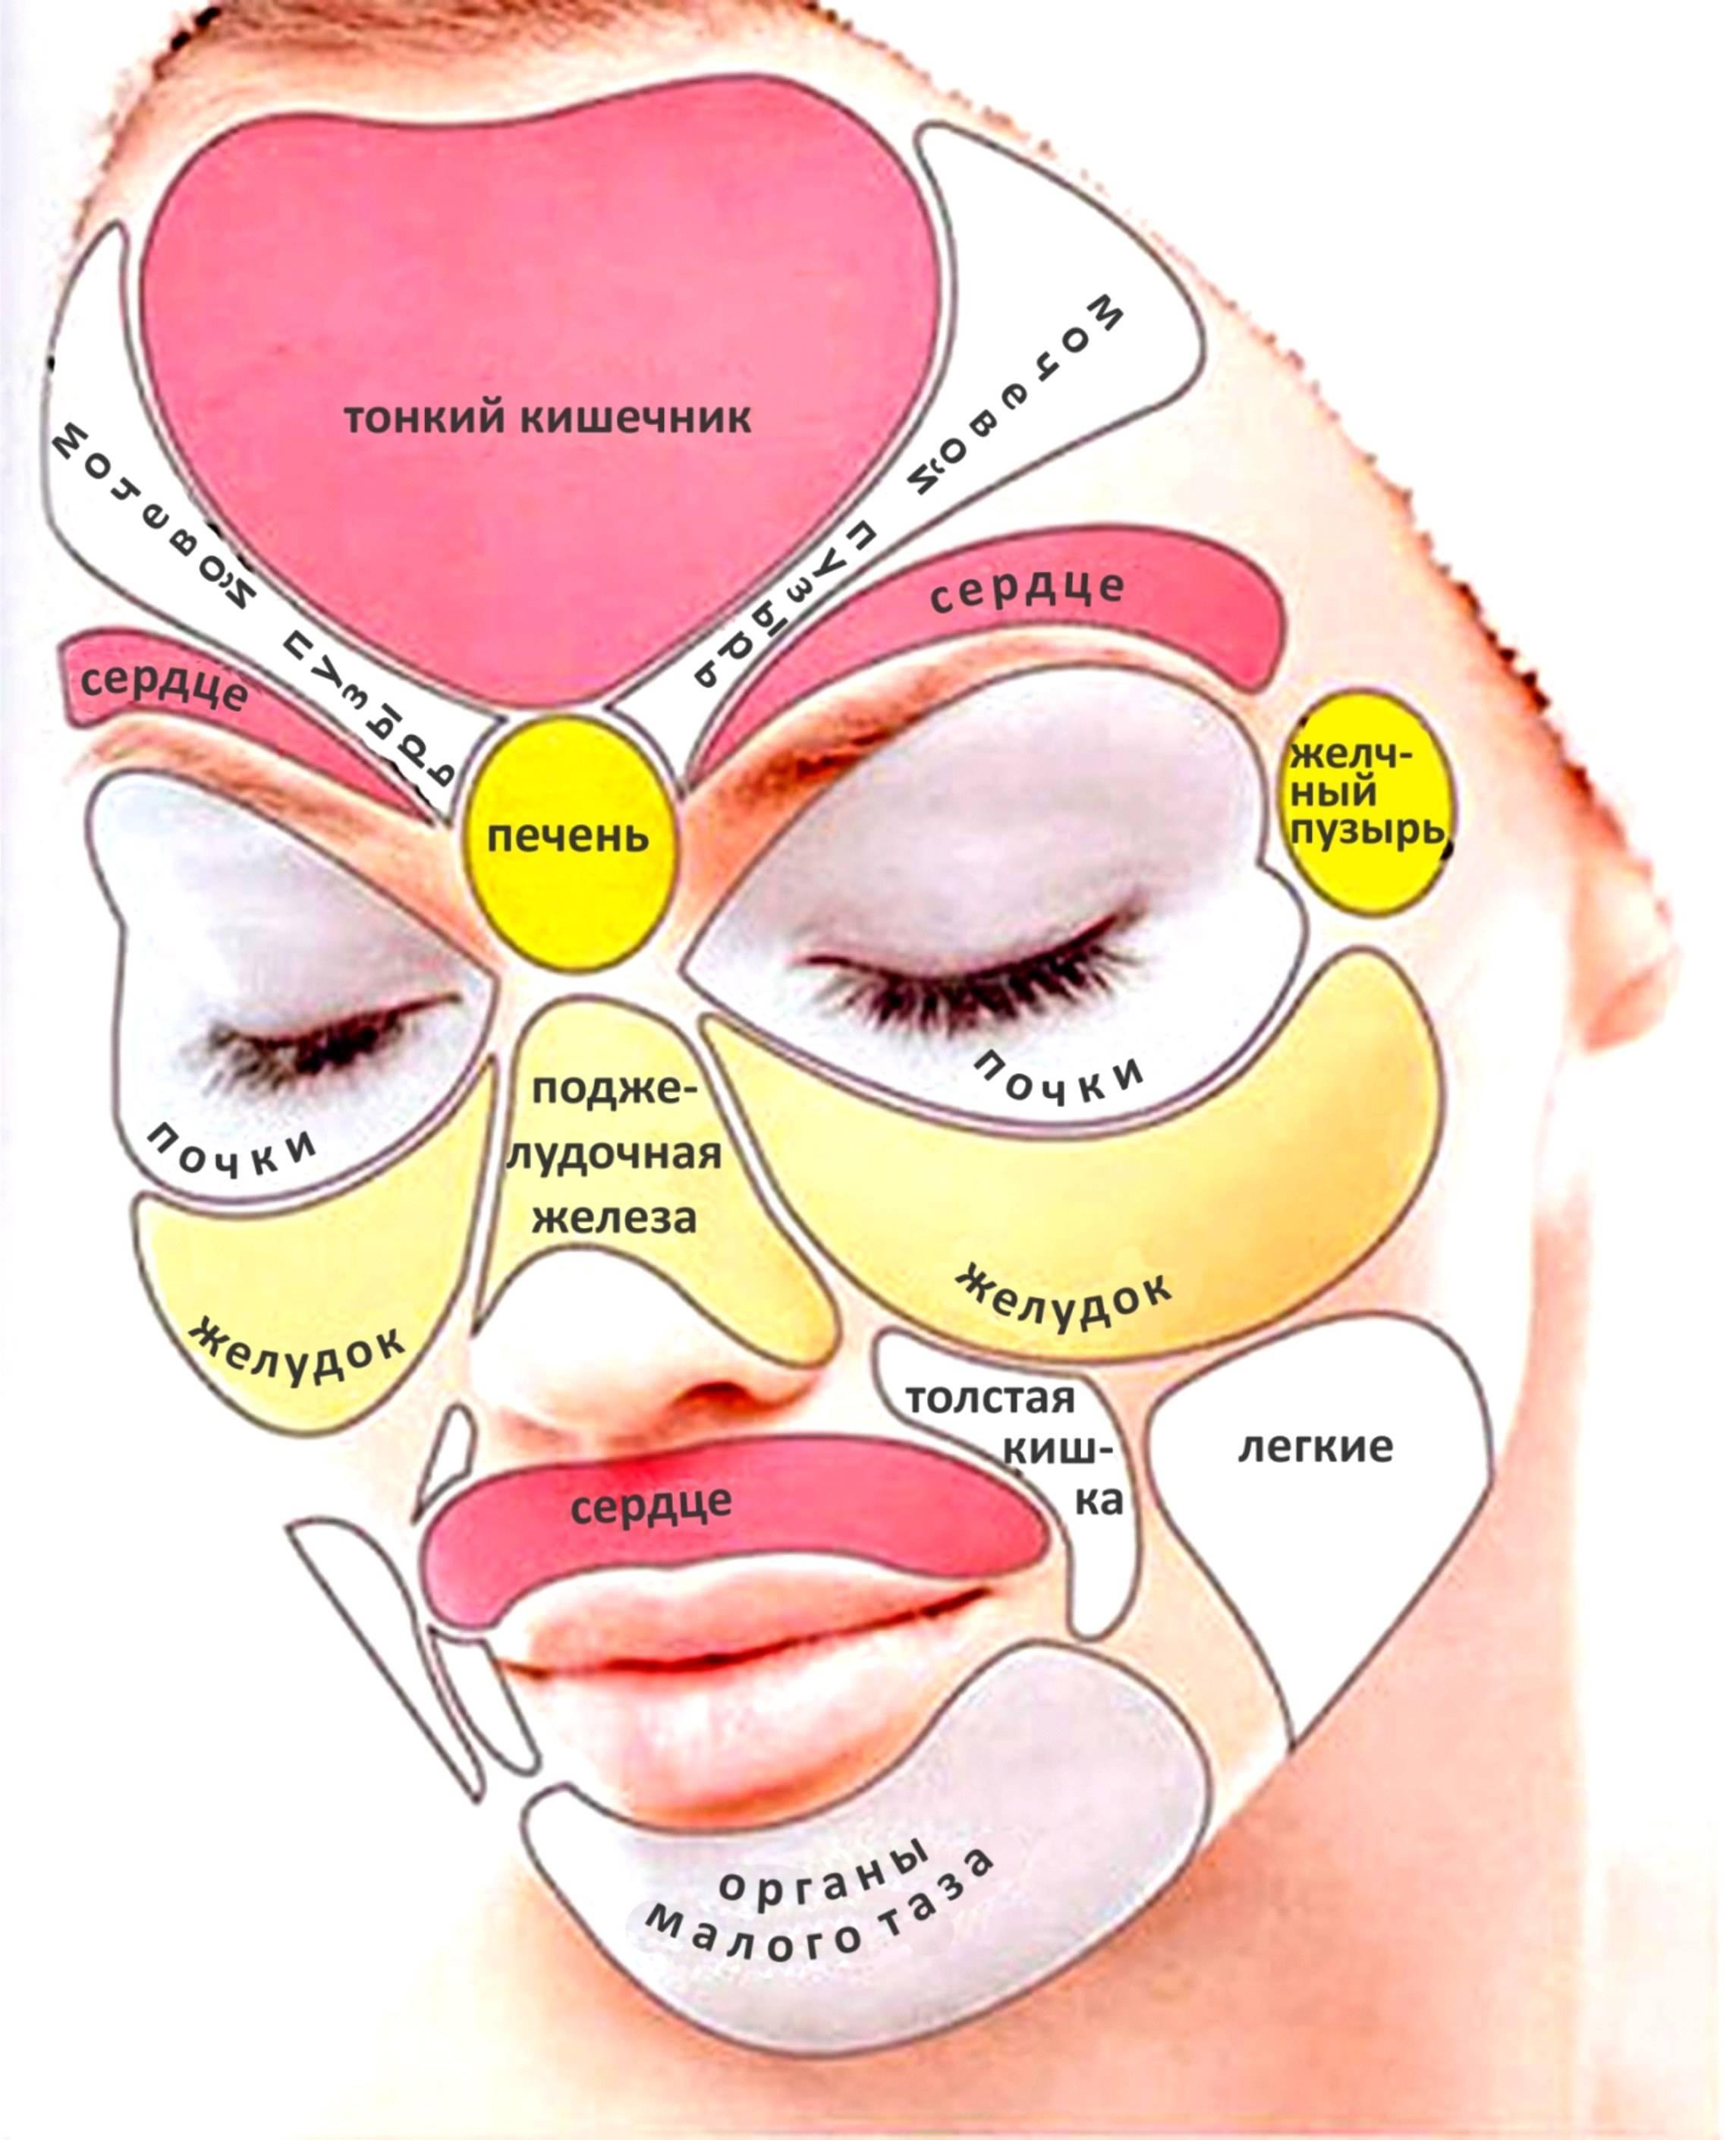 Причины появления прыщей на шее у женщин и мужчин, а также способы их лечения